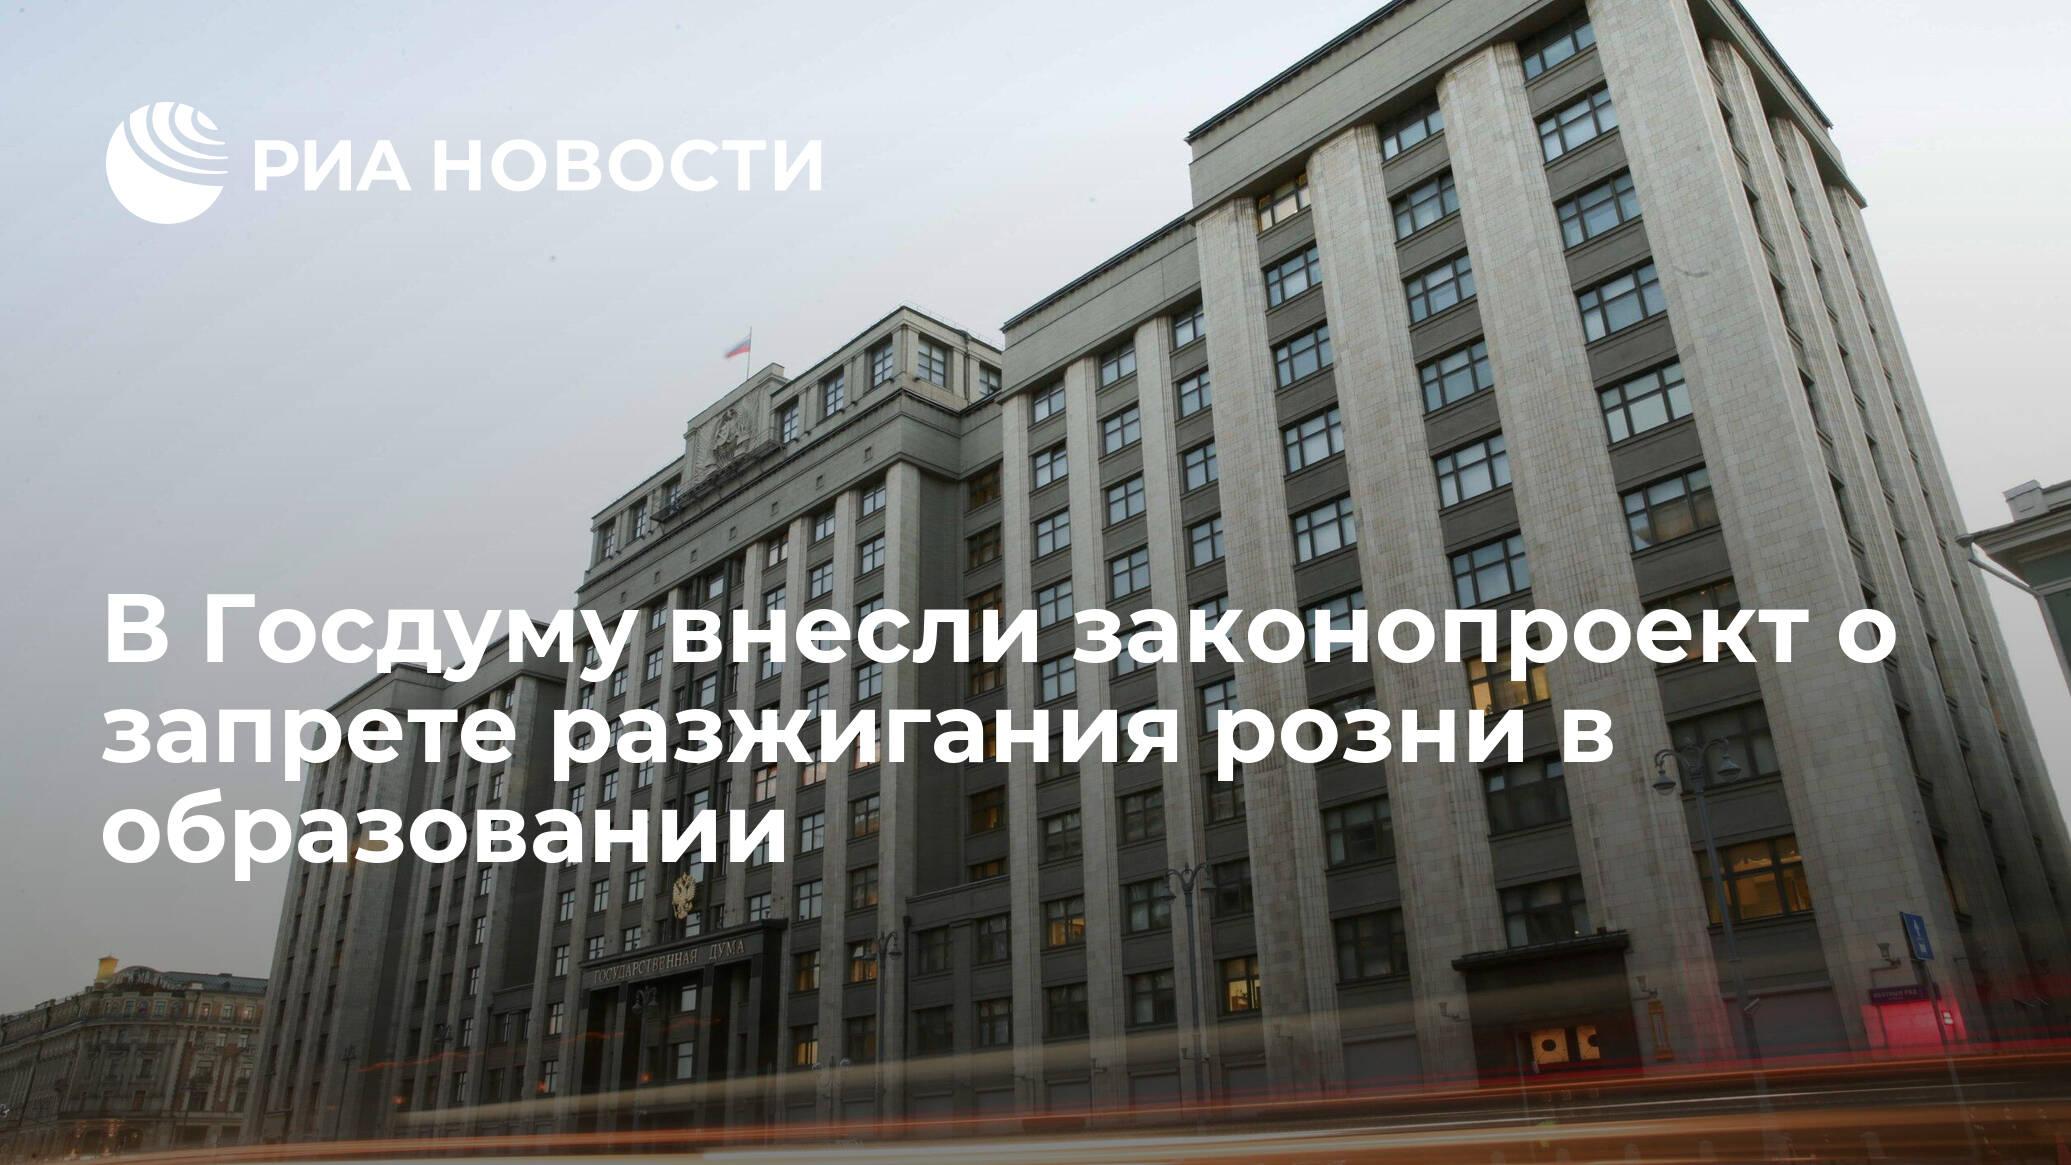 В Госдуму внесли законопроект о запрете разжигания розни в образовании